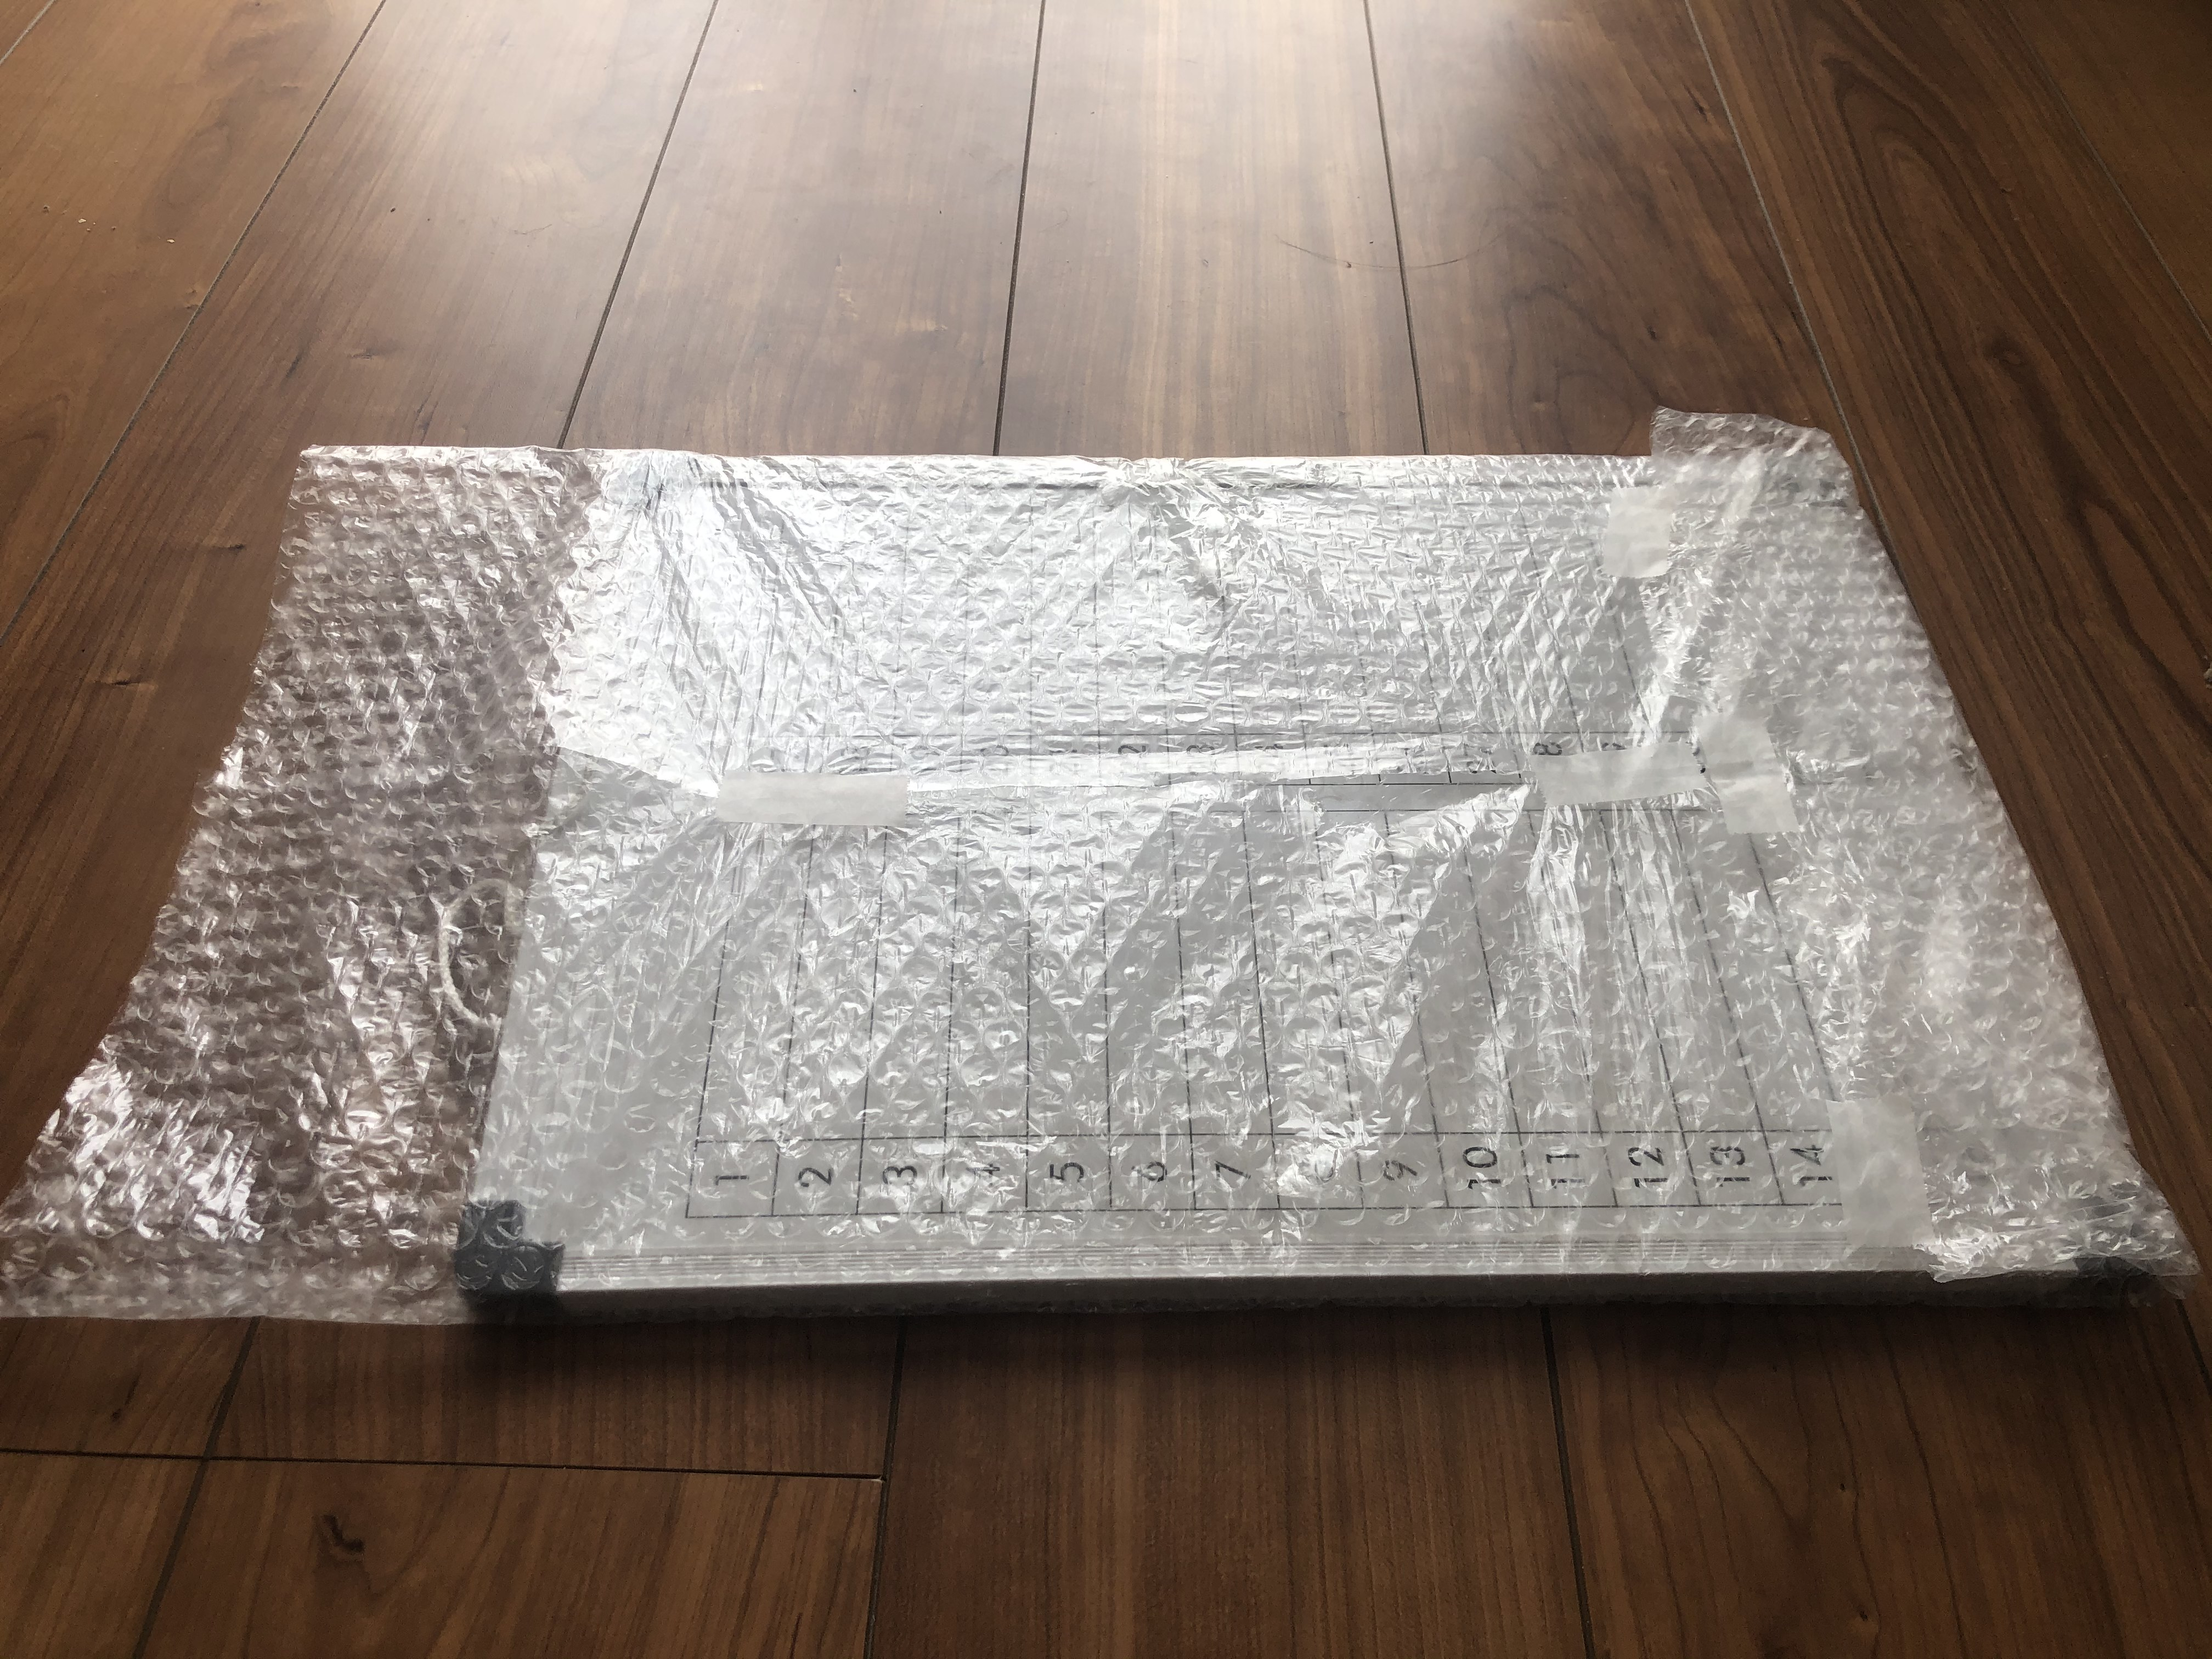 ホワイトボード梱包1